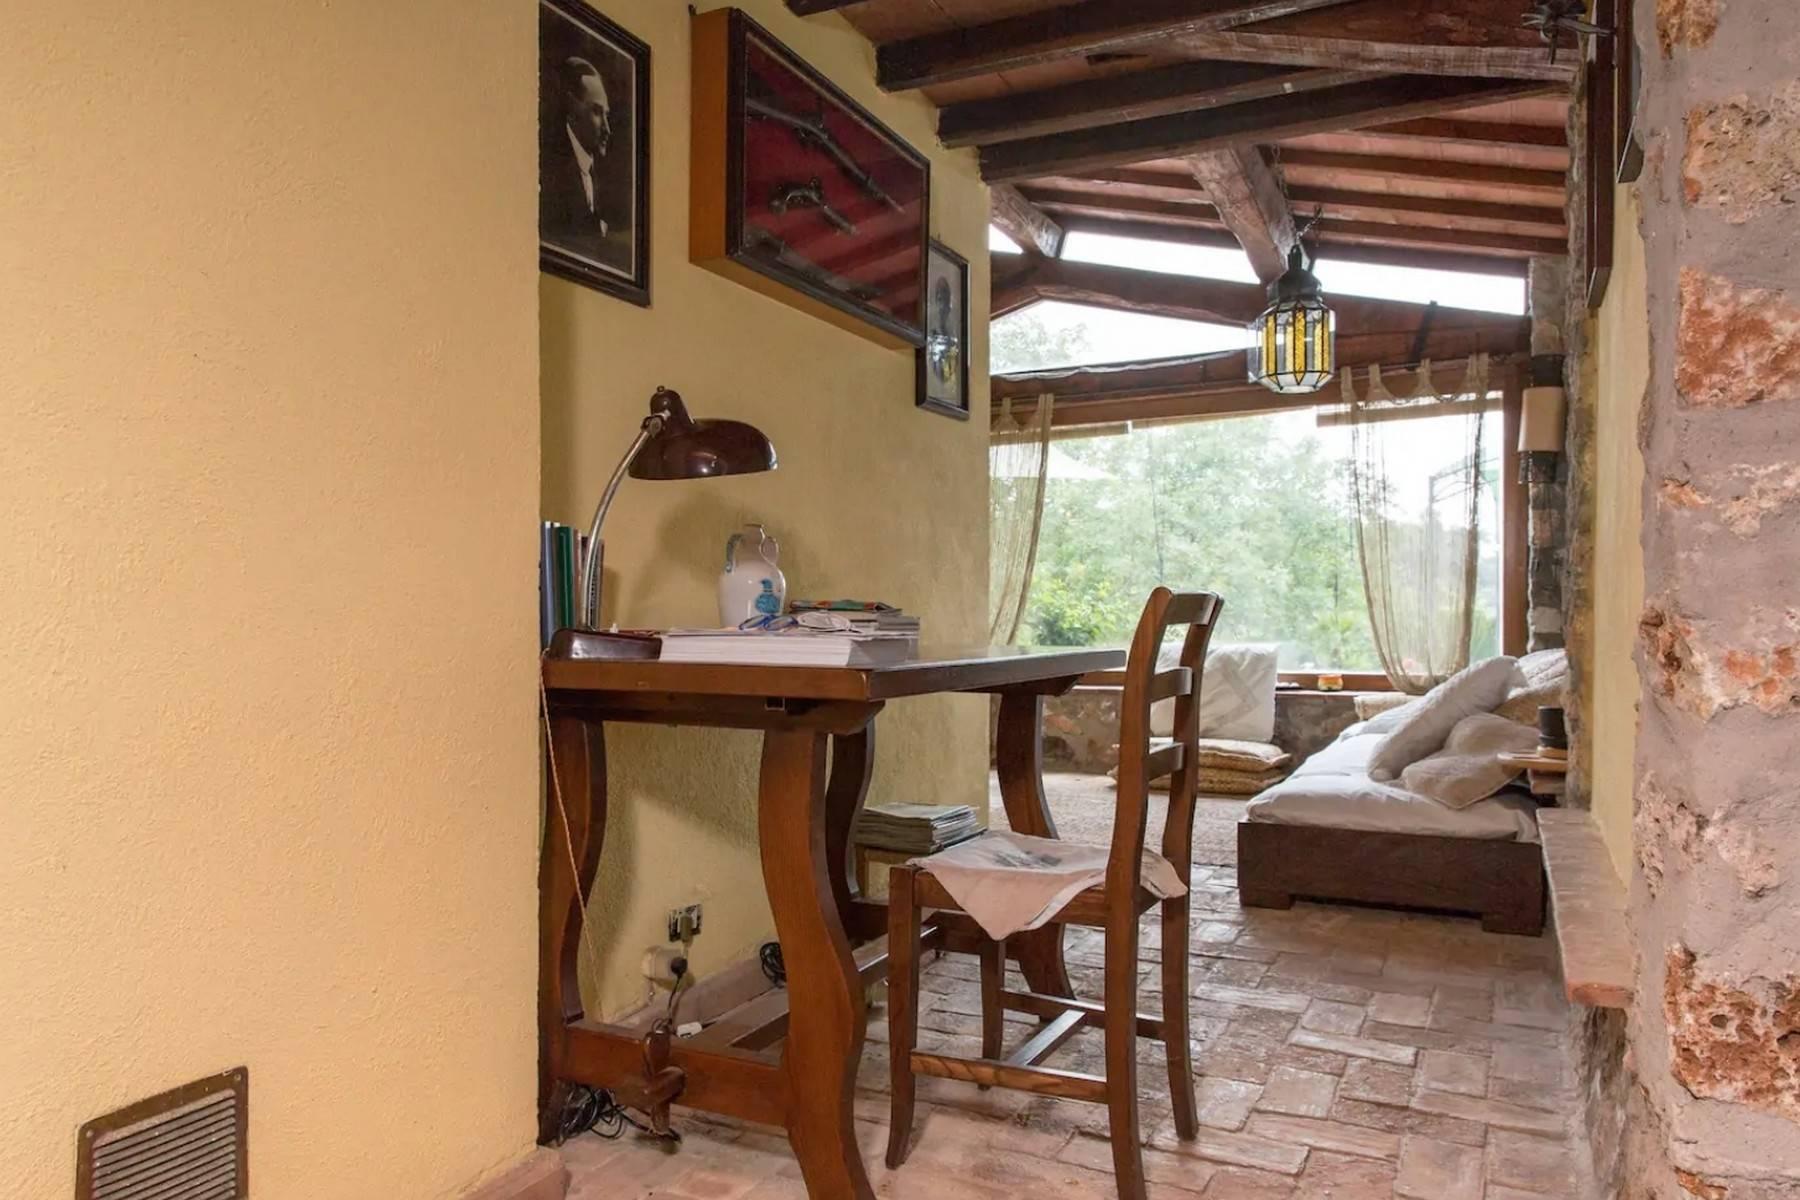 Rustico in Vendita a Capalbio: 5 locali, 170 mq - Foto 21